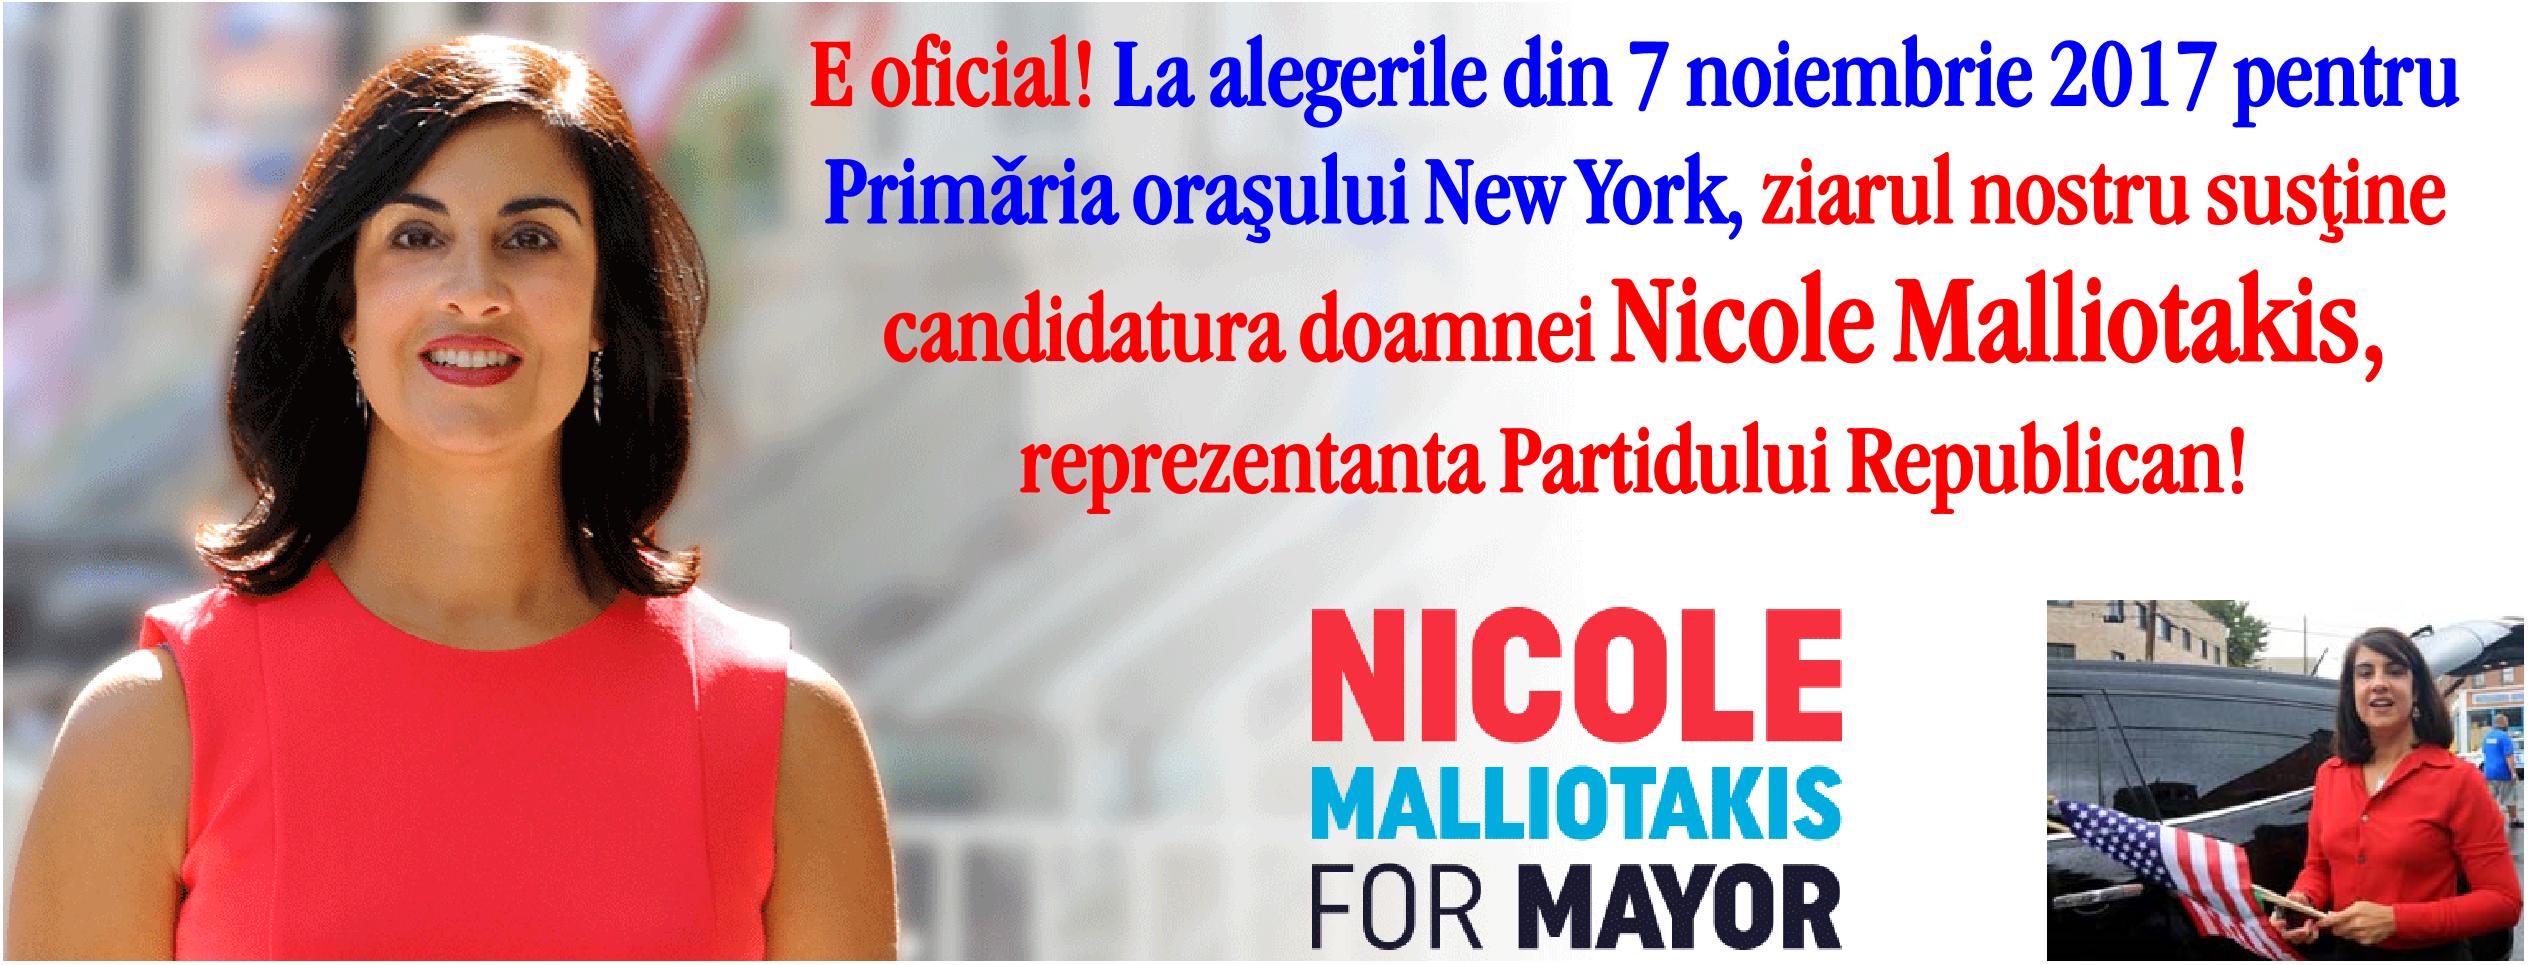 E oficial! La alegerile din 7 noiembrie 2017 pentru Primăria orașului New York, ziarul New York Magazin susține candidatura doamnei Nicole Malliotakis, reprezentanta Partidului Republican!